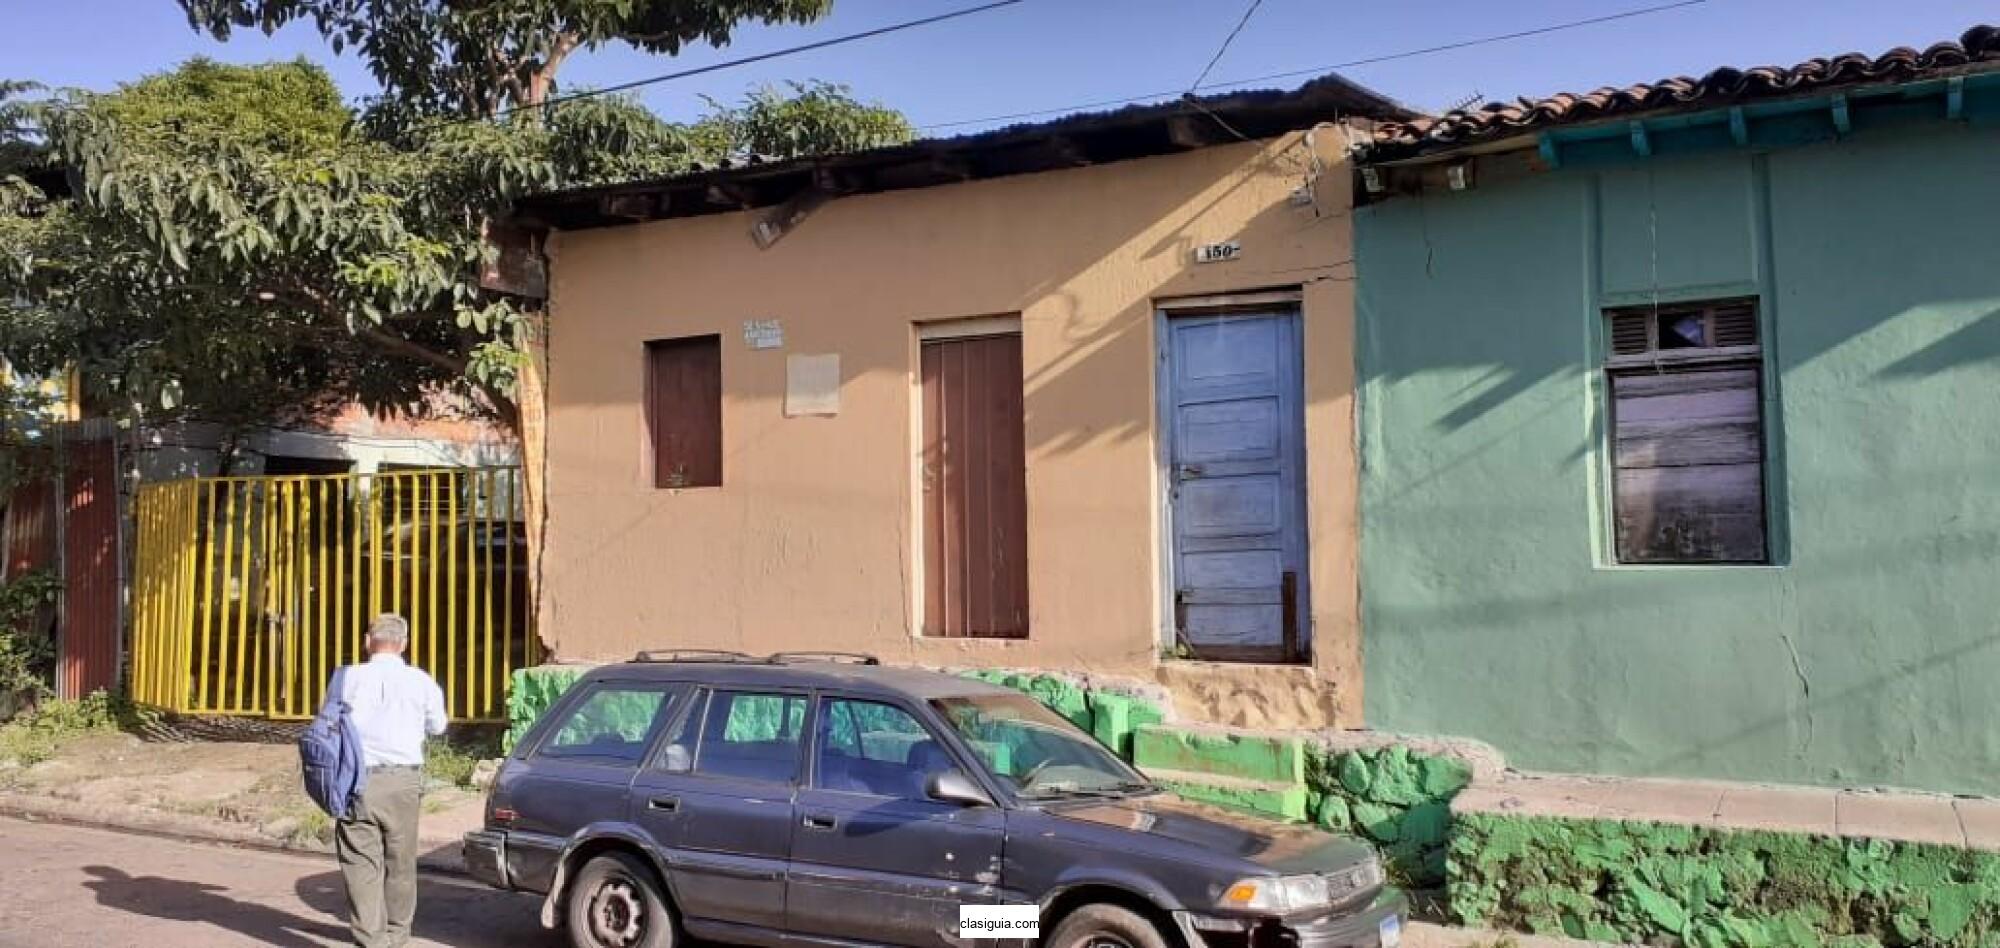 S.S. Bo. Candelaria urbano terreno 495 v2